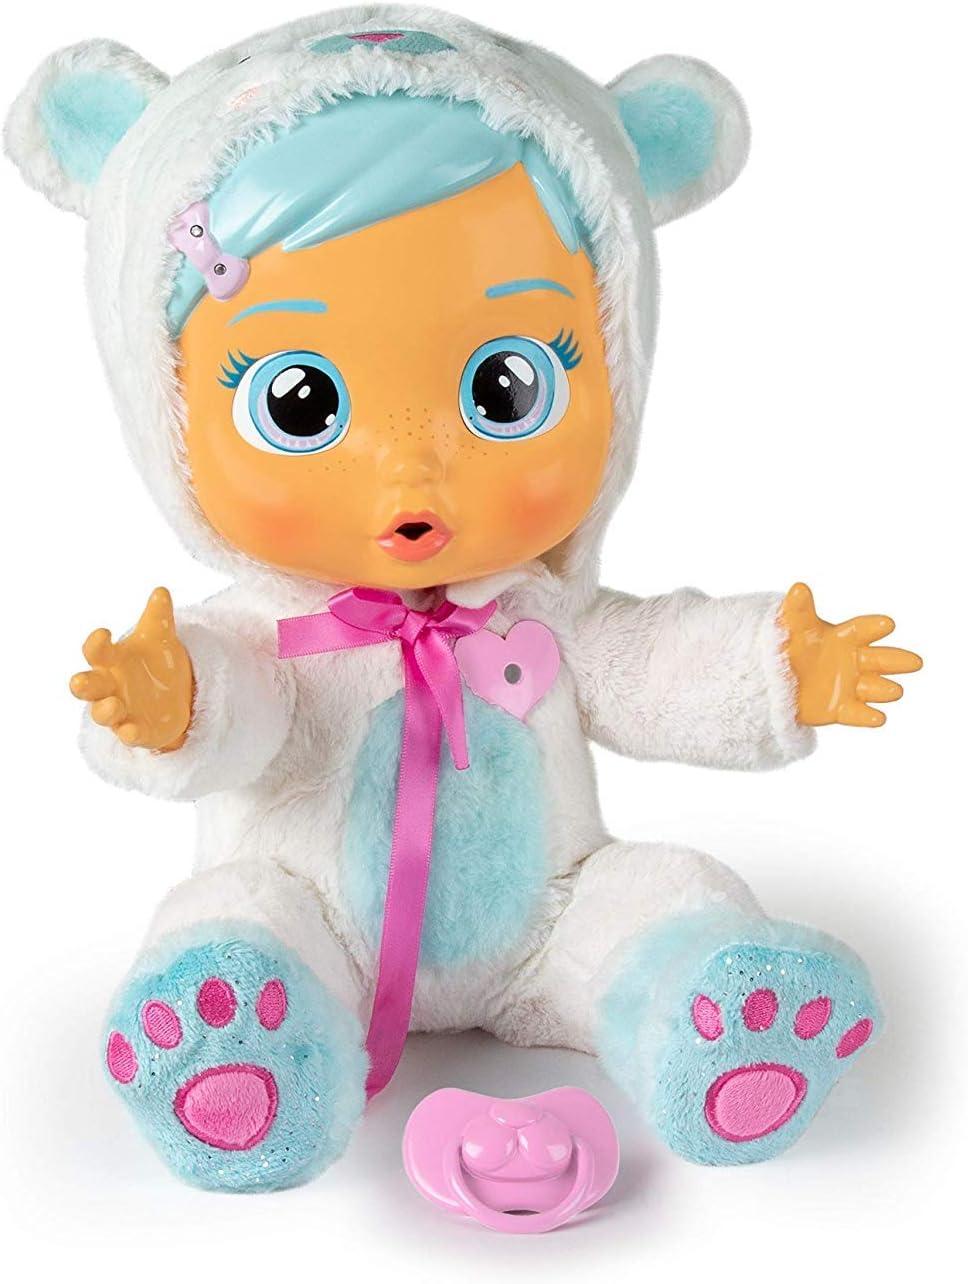 Muñeco bebé llorón CORAL | Tiendas MGI